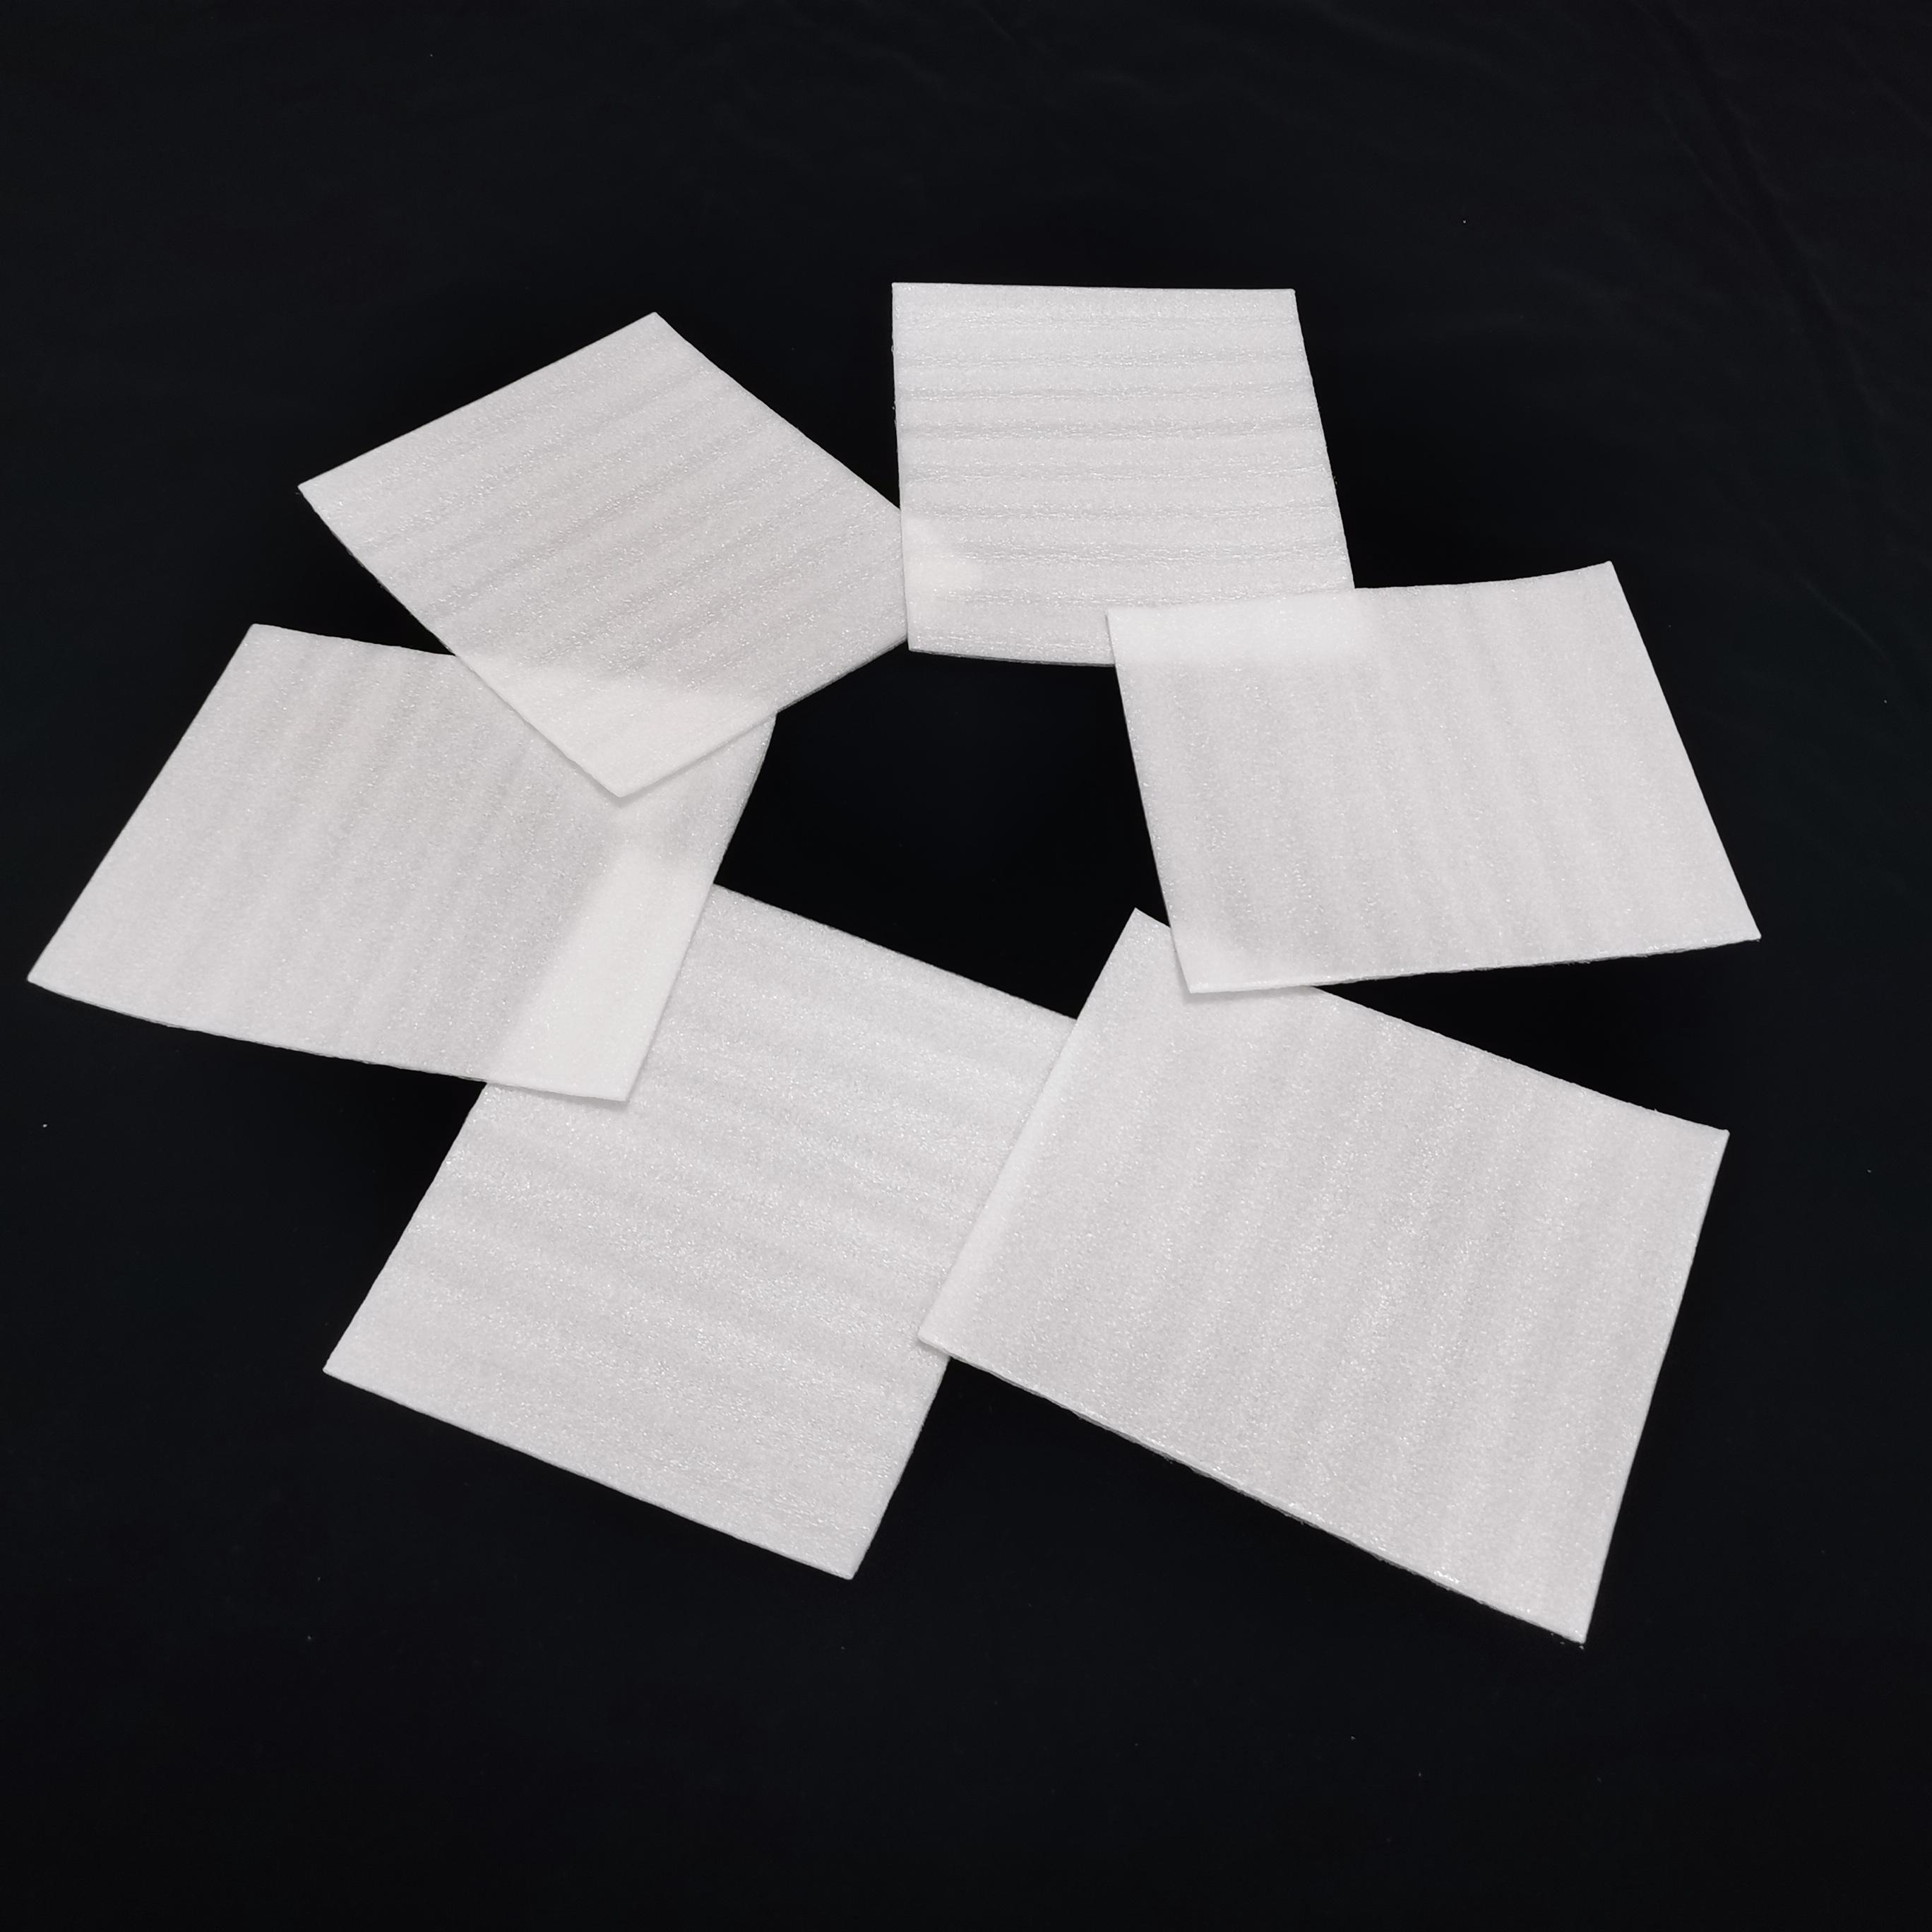 Непосредственно с завода, оптовая продажа, индивидуальные полиэтиленовые пенопластовые мешки из полиэтилена